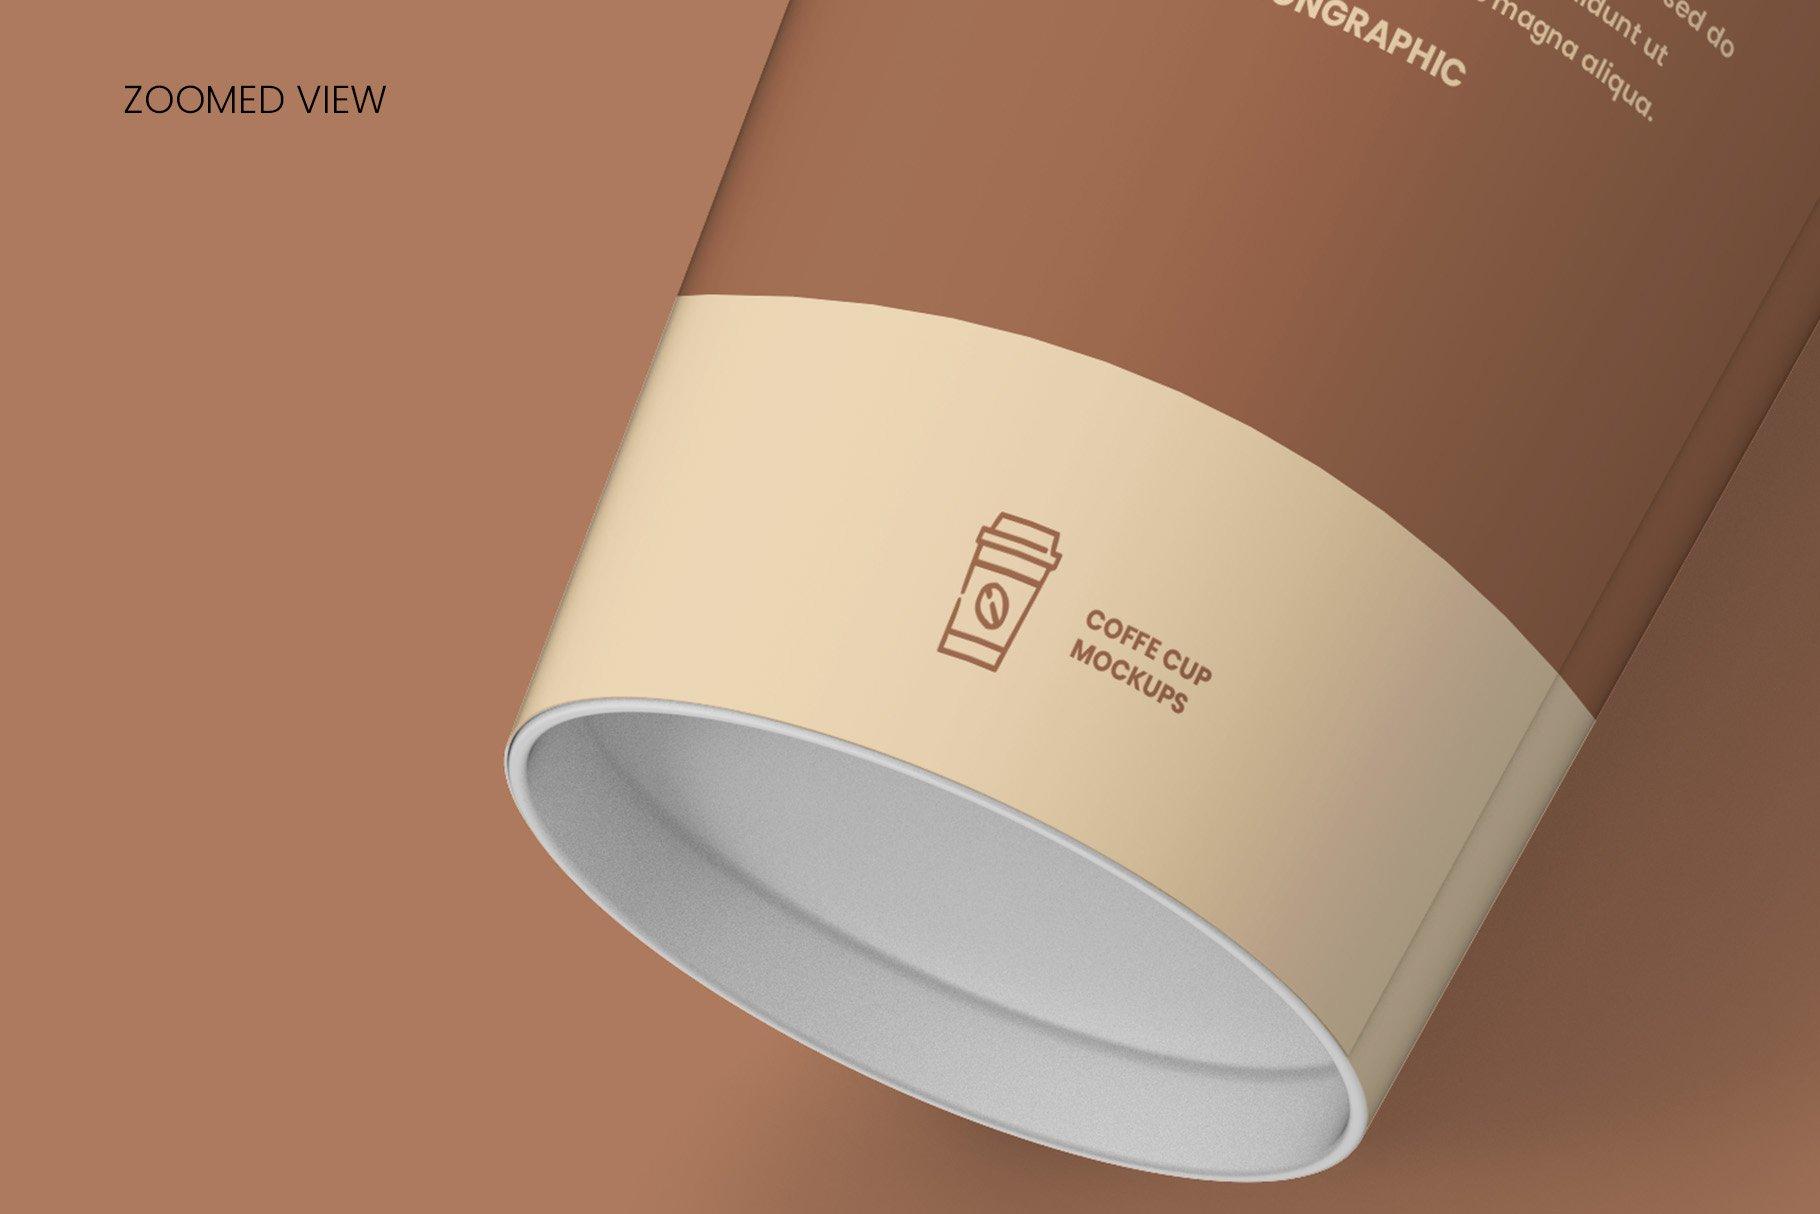 8个一次性咖啡外卖纸杯设计贴图样机模板 Coffee Cup Mockup – 8 views插图15